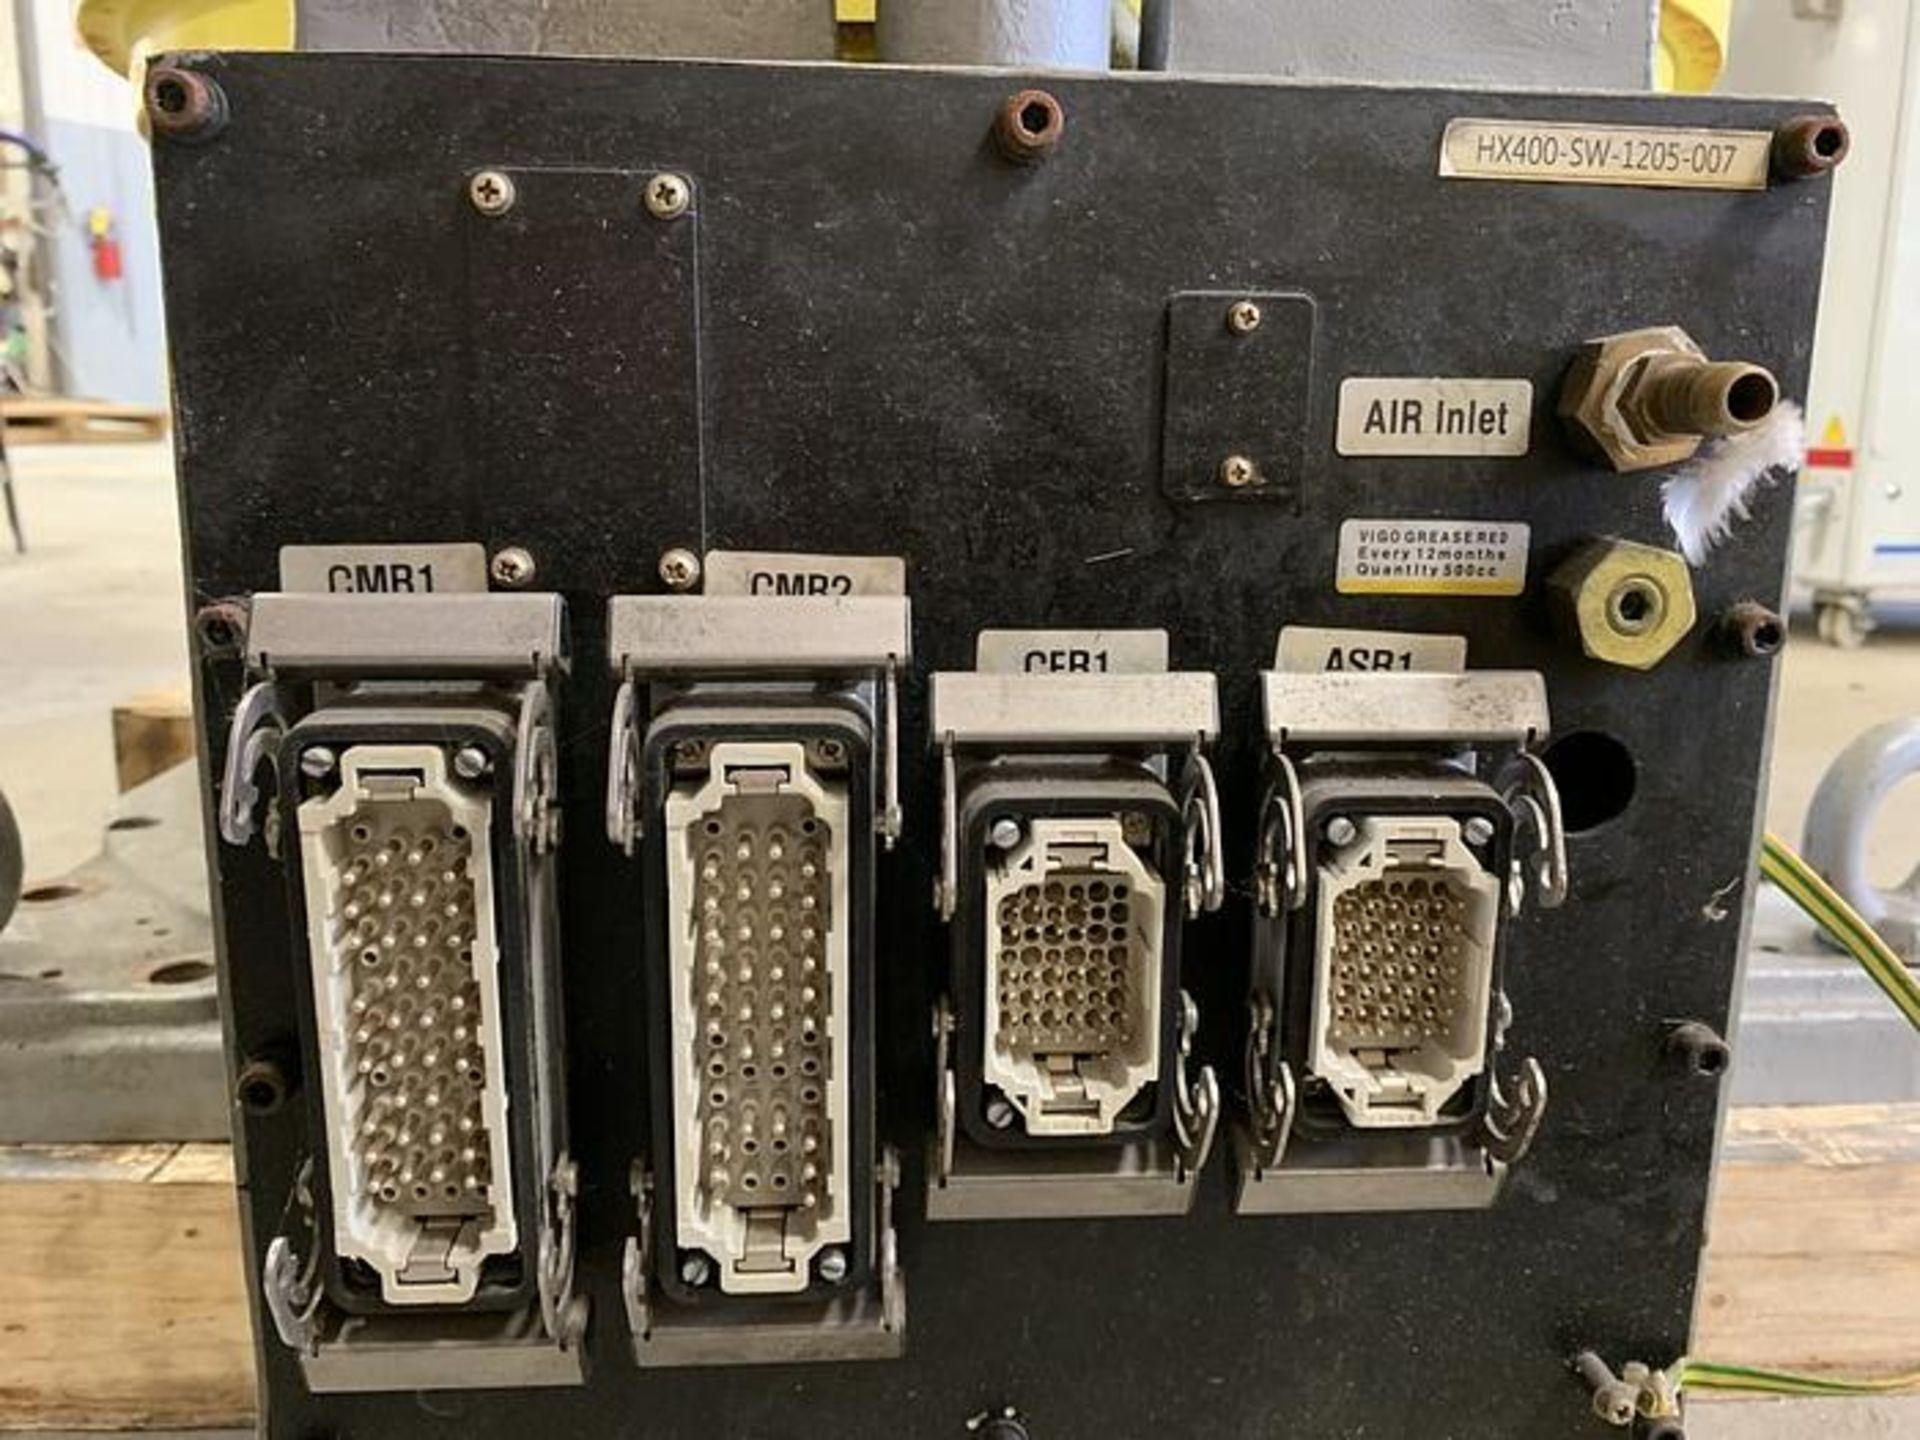 HYUNDIA MODEL HX400 400KG X 2573MM Hi5-N80U CONT. 6 AXIS CNC ROBOT, YEAR 2012, SN HB35-054-572 - Image 12 of 21